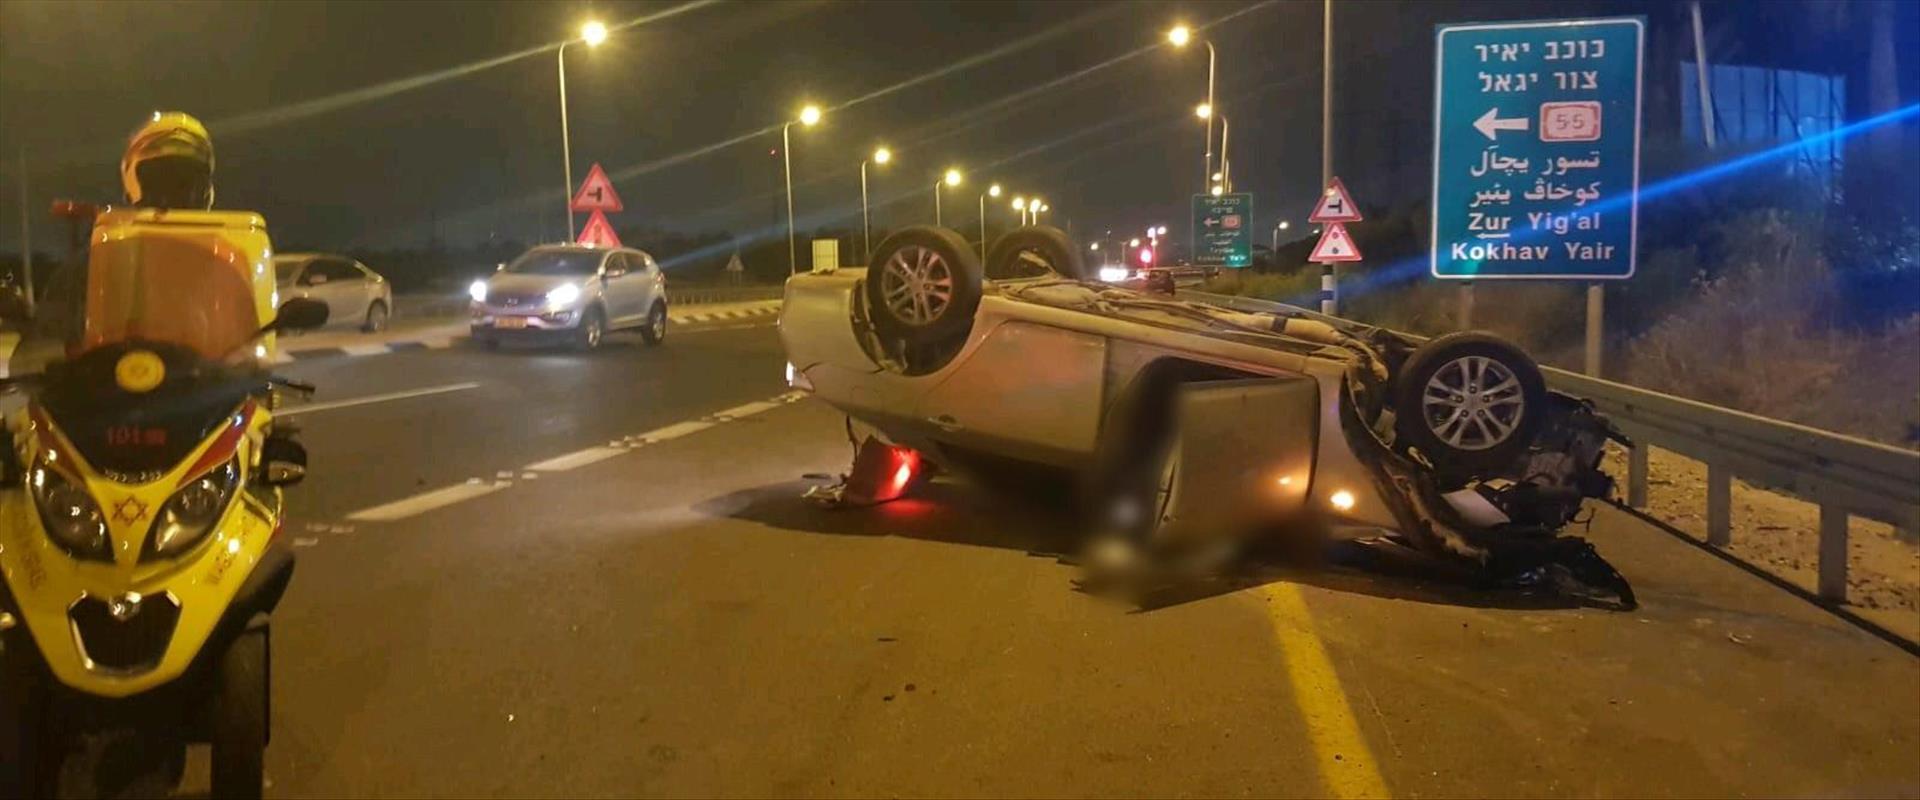 הרכב שהתהפך בעקבות התאונה